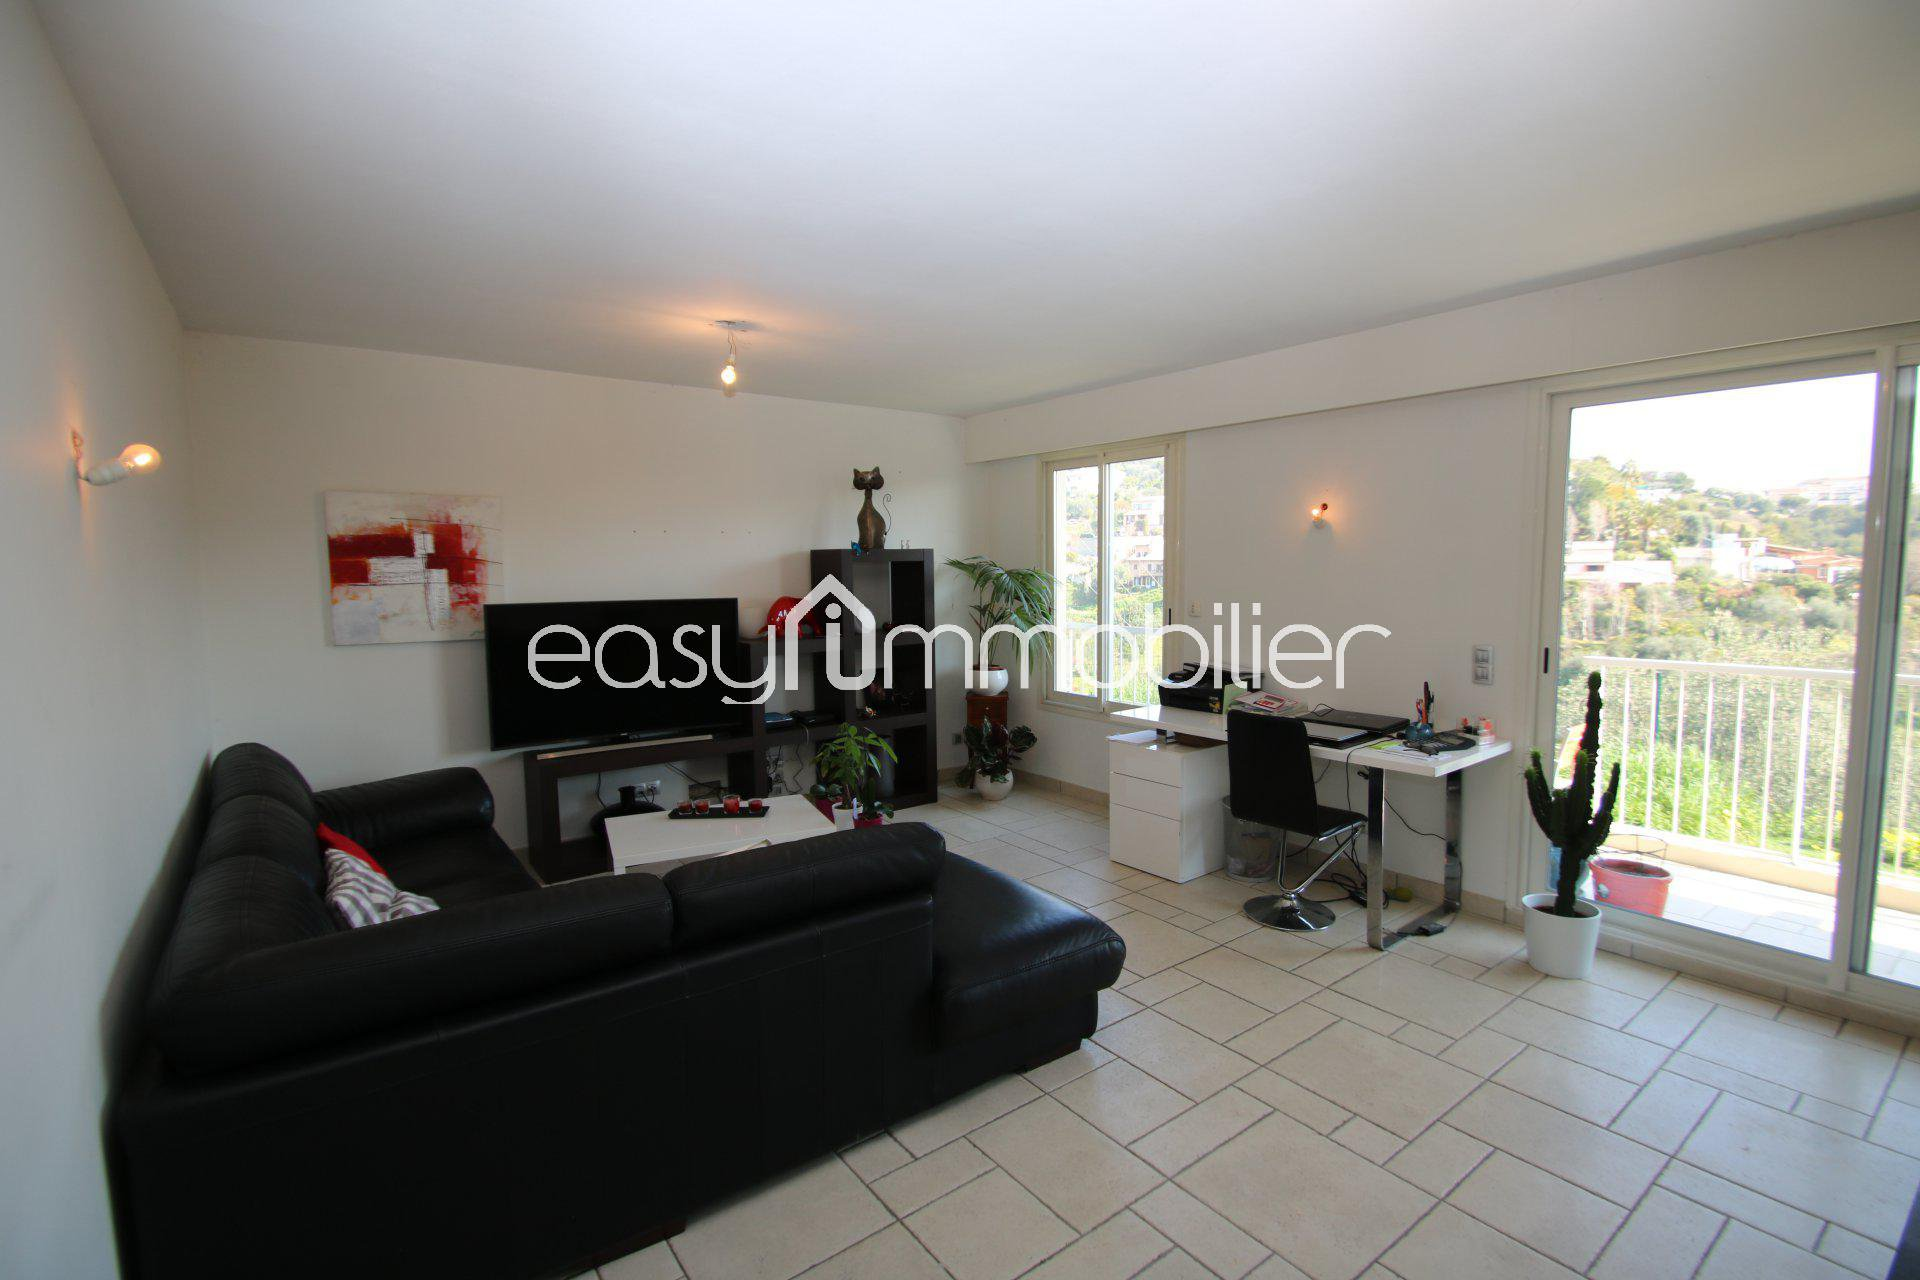 Vente Appartement Nice - 4 pièces - 81 m²